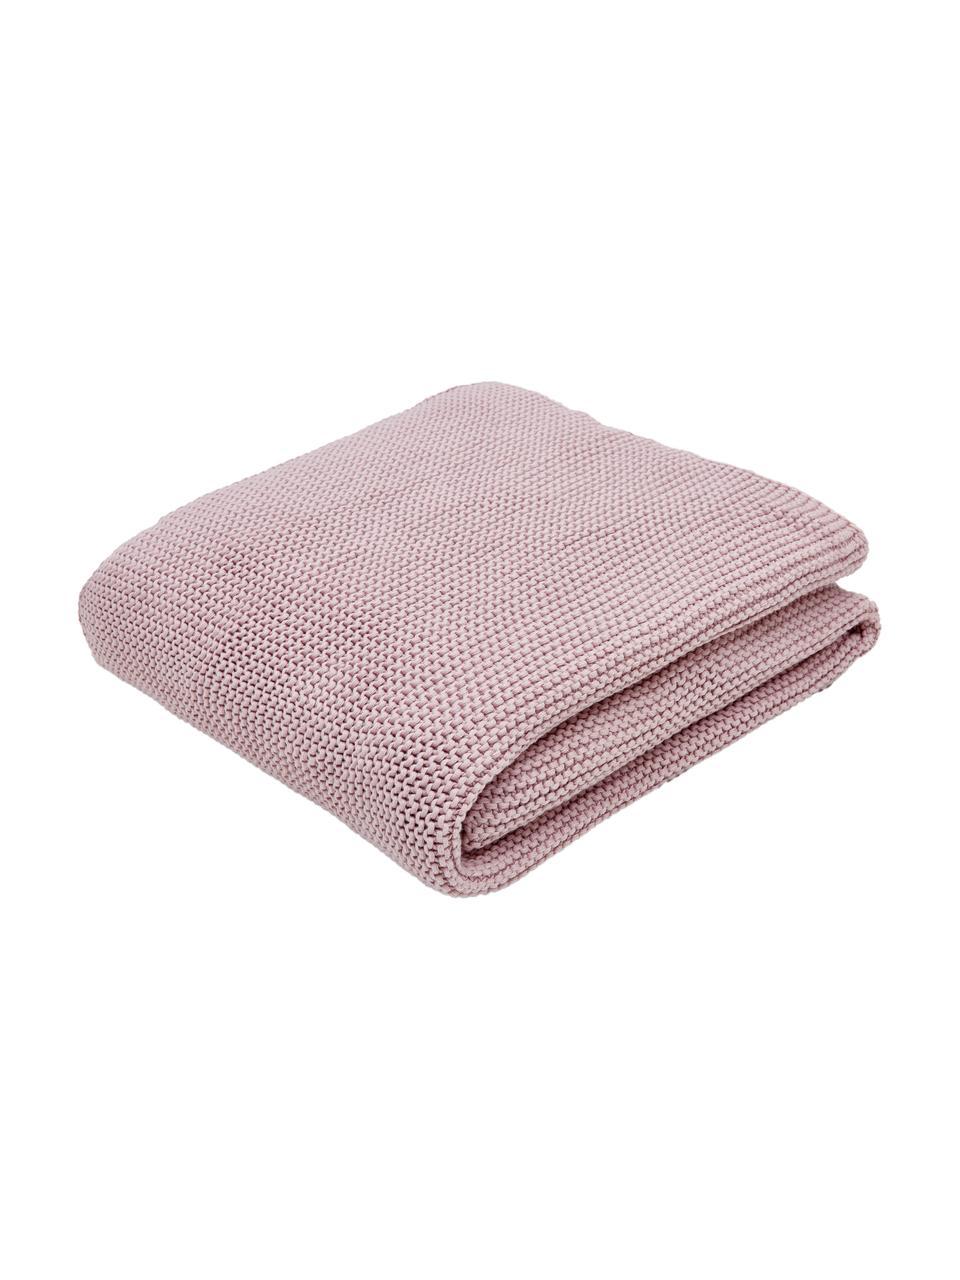 Manta de punto de algodón ecológico Adalyn, 100%algodón ecológico, certificado GOTS, Rosa palo, An 150 x L 200 cm